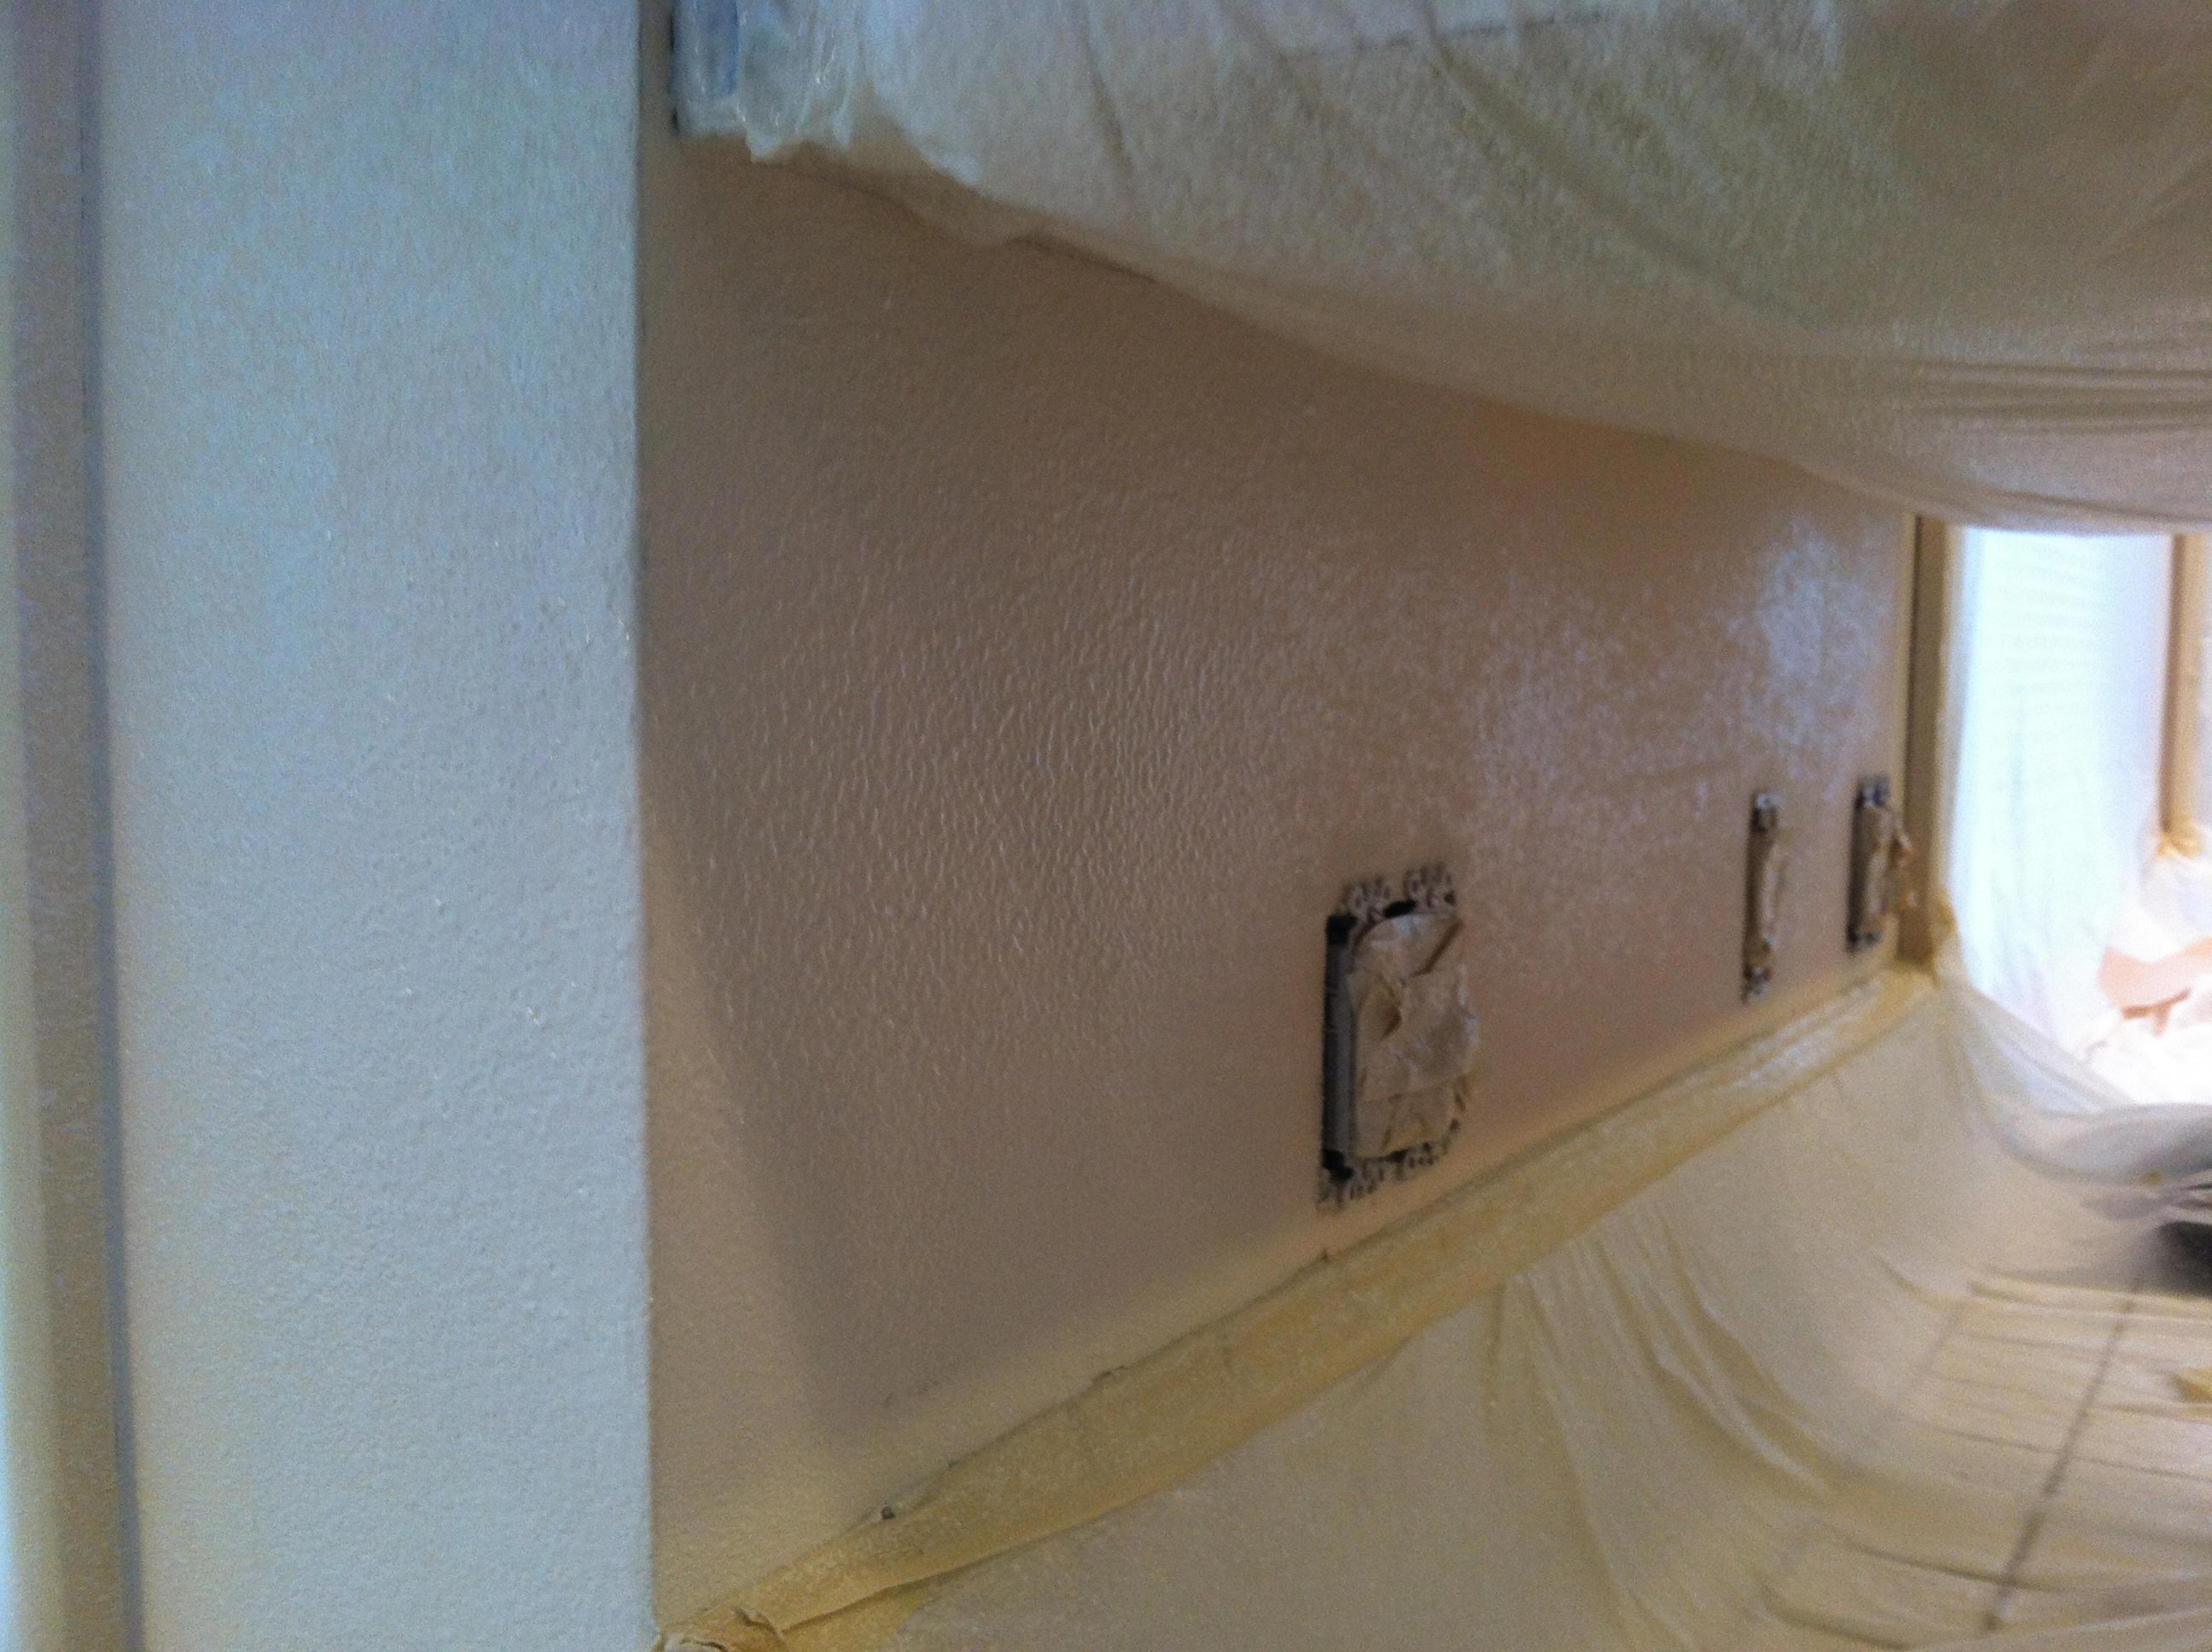 Drywall Repair Drywall Repair After Removing Wallpaper Is Primer 2592x1936